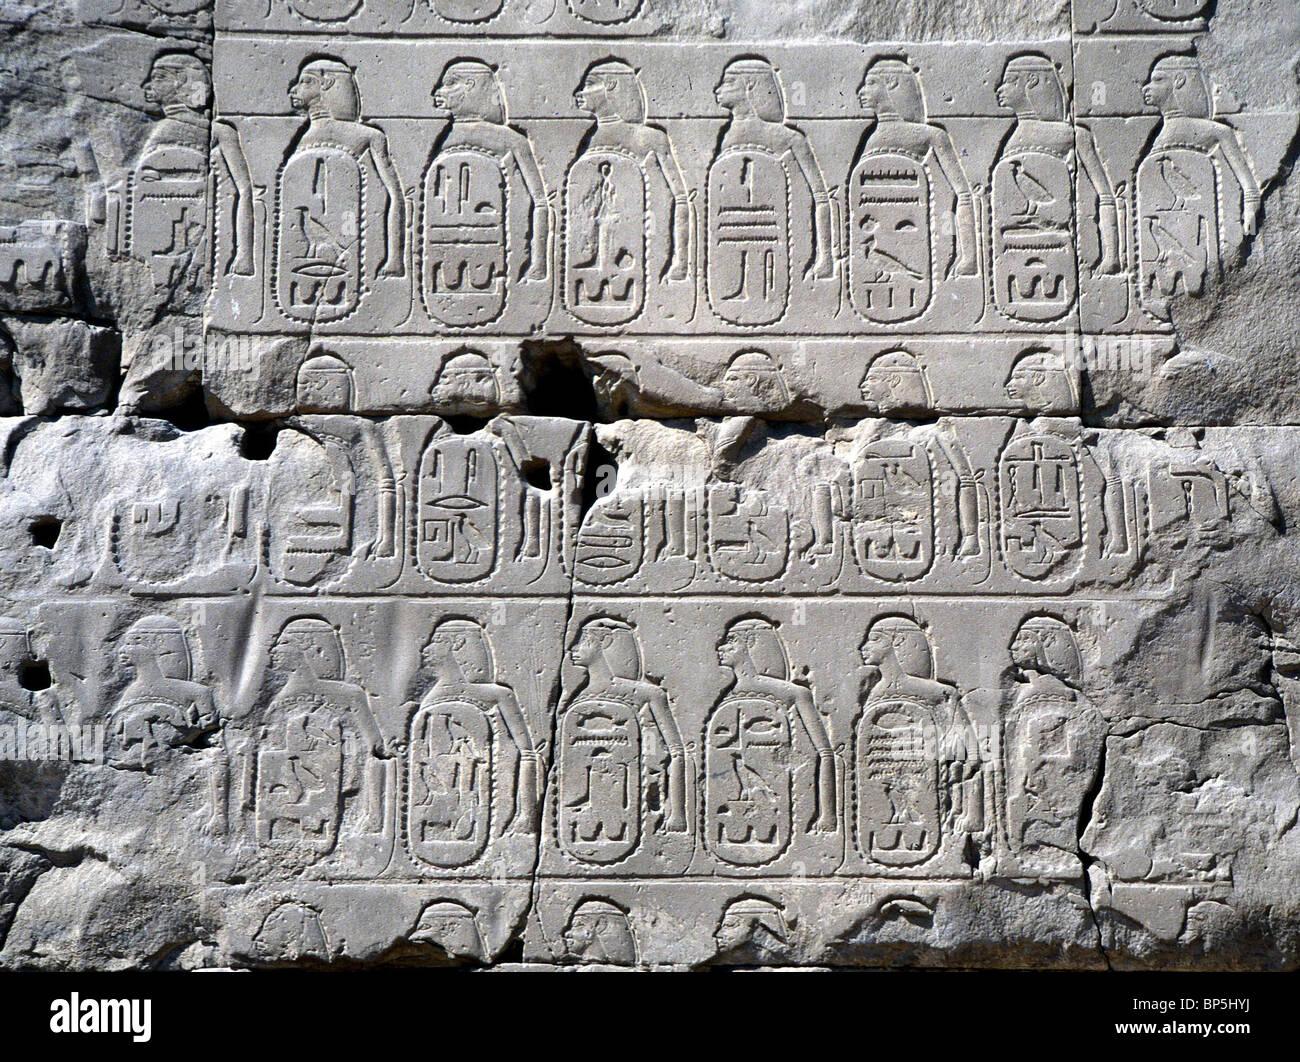 LISTE DER ASIATISCHEN EROBERUNGEN DER PHARAO TUTMOSIS III. JEDE CARTOUCH STELLT EINE EROBERTE STADT INSGESAMT 115 Stockbild